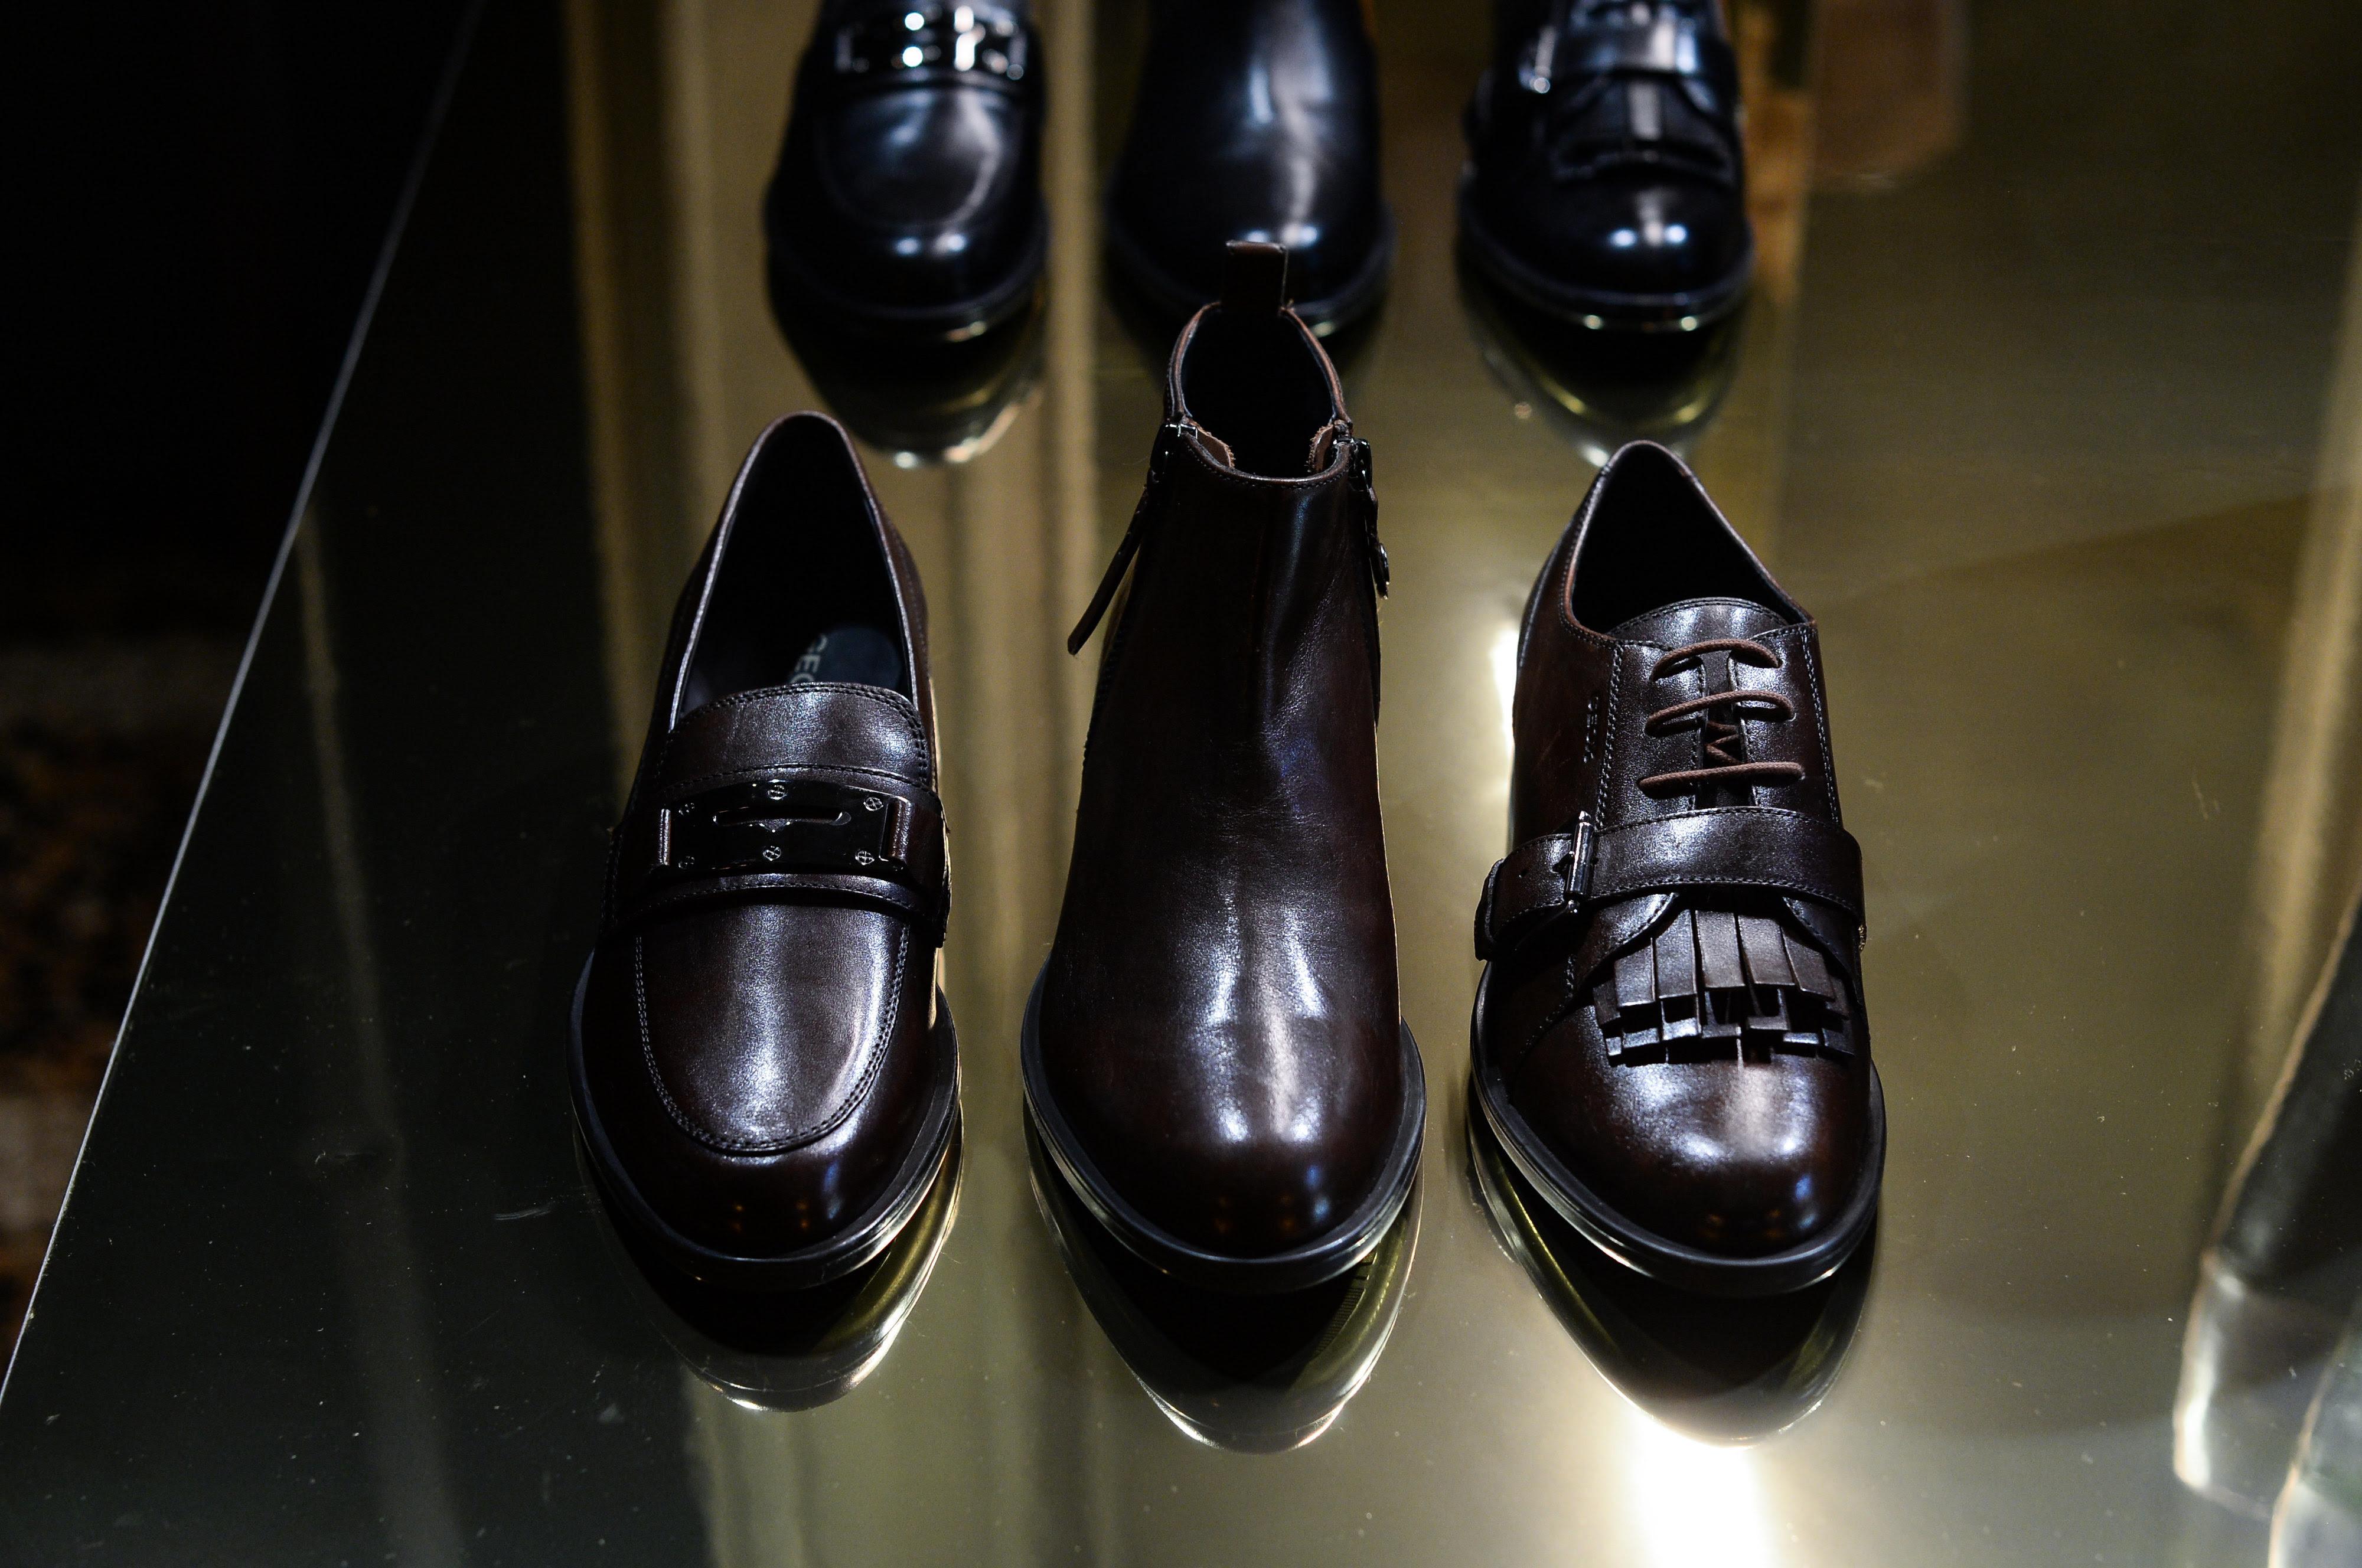 d419401d 4082 4edd aae0 6b89a5bb57c0 - Geox presenta su colección para hombre Otoño/Invierno 2020 de calzado y prendas exteriores